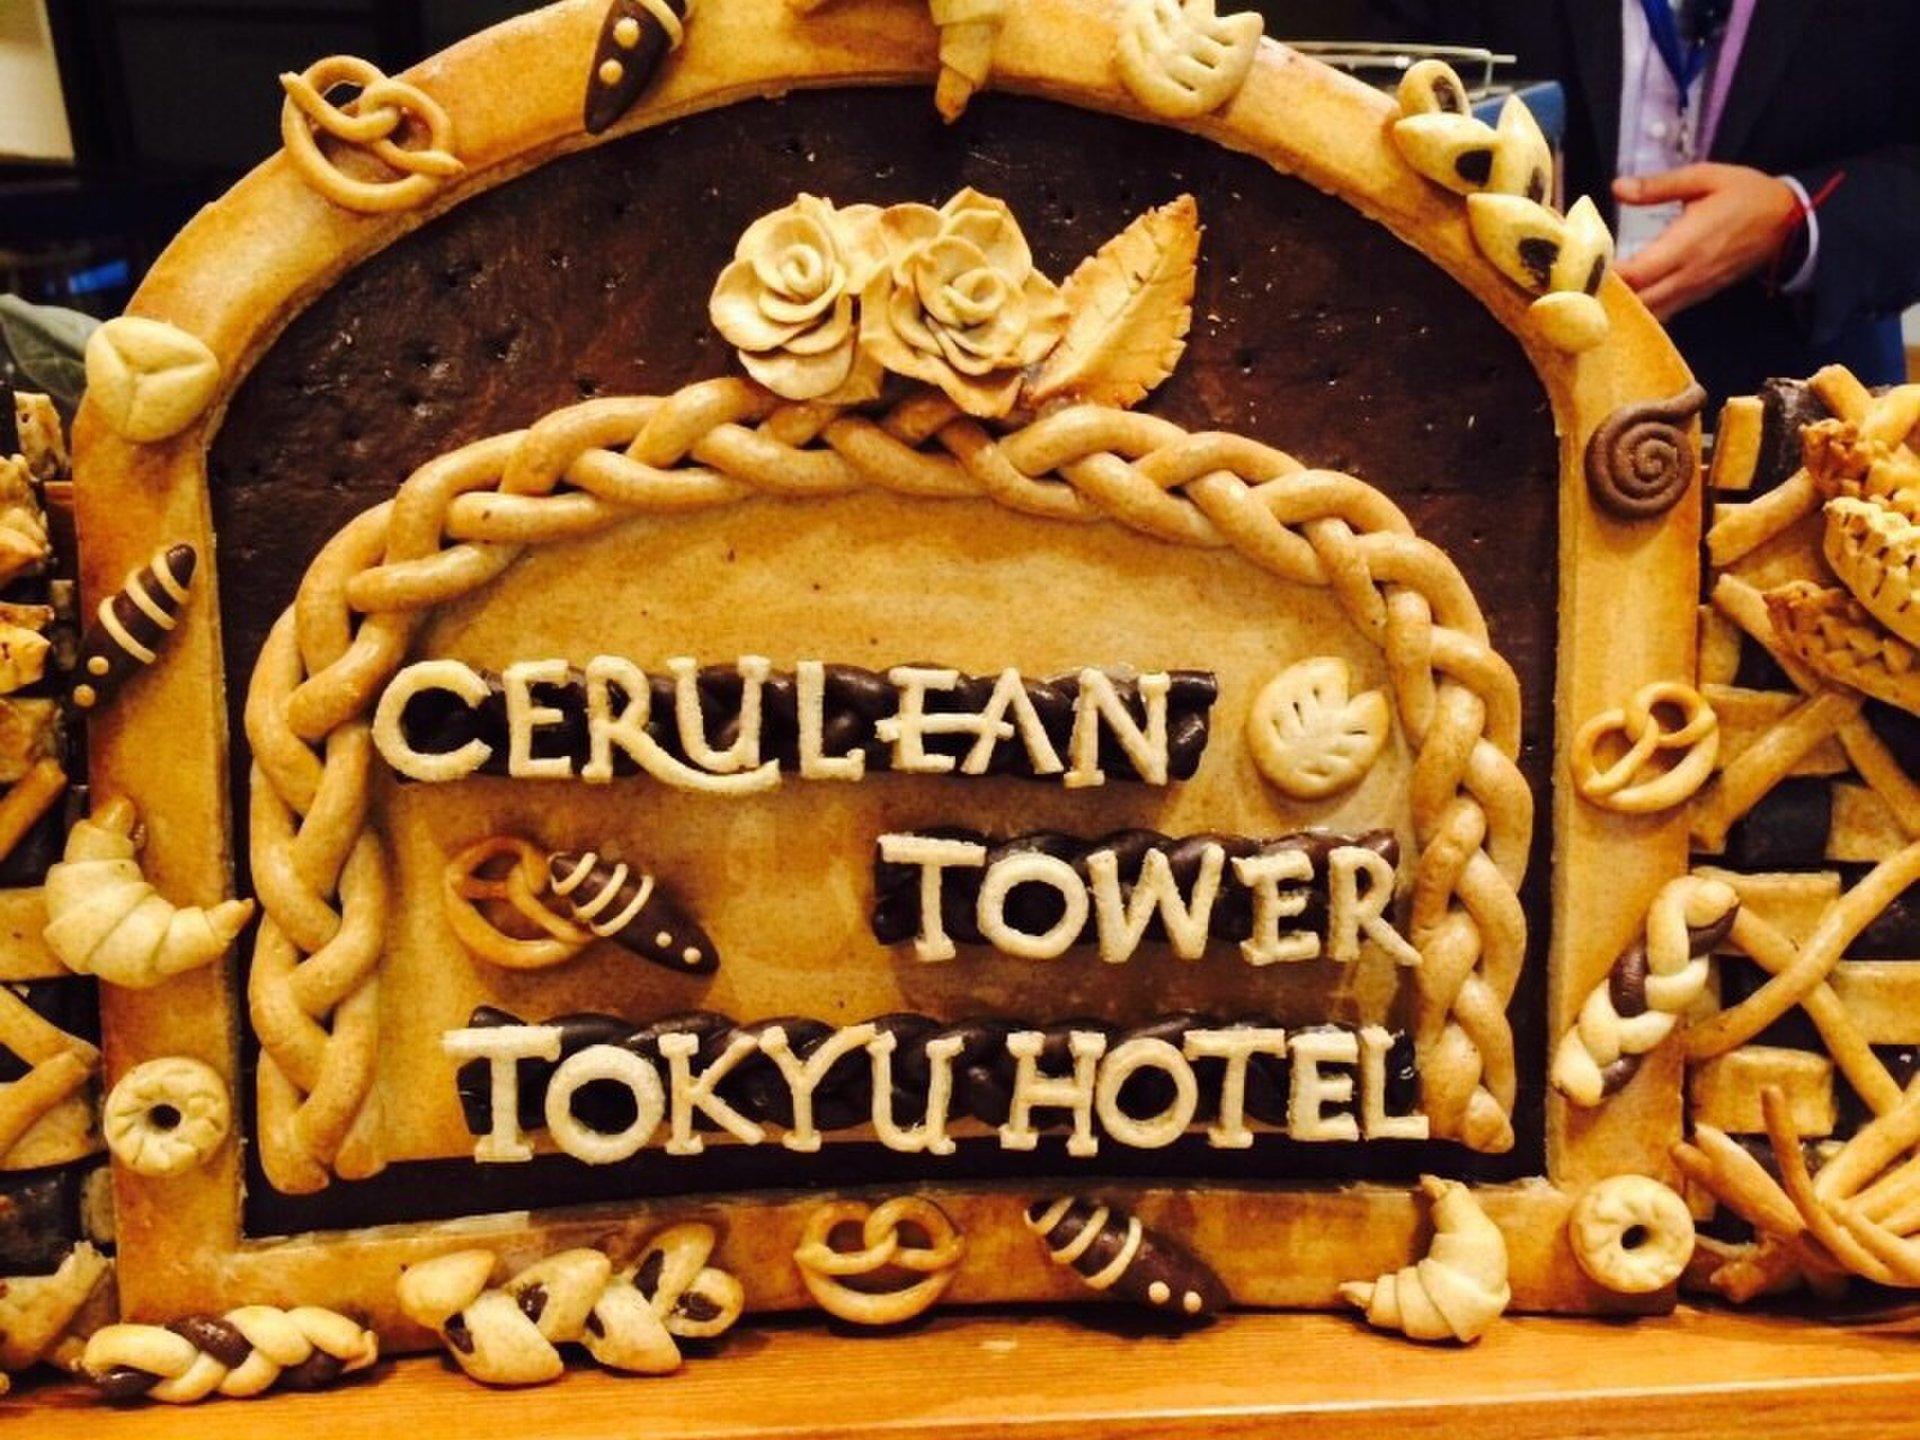 【セルリアンタワー渋谷でモーニング】流行りのホテルビュッフェで朝活を楽しもう!